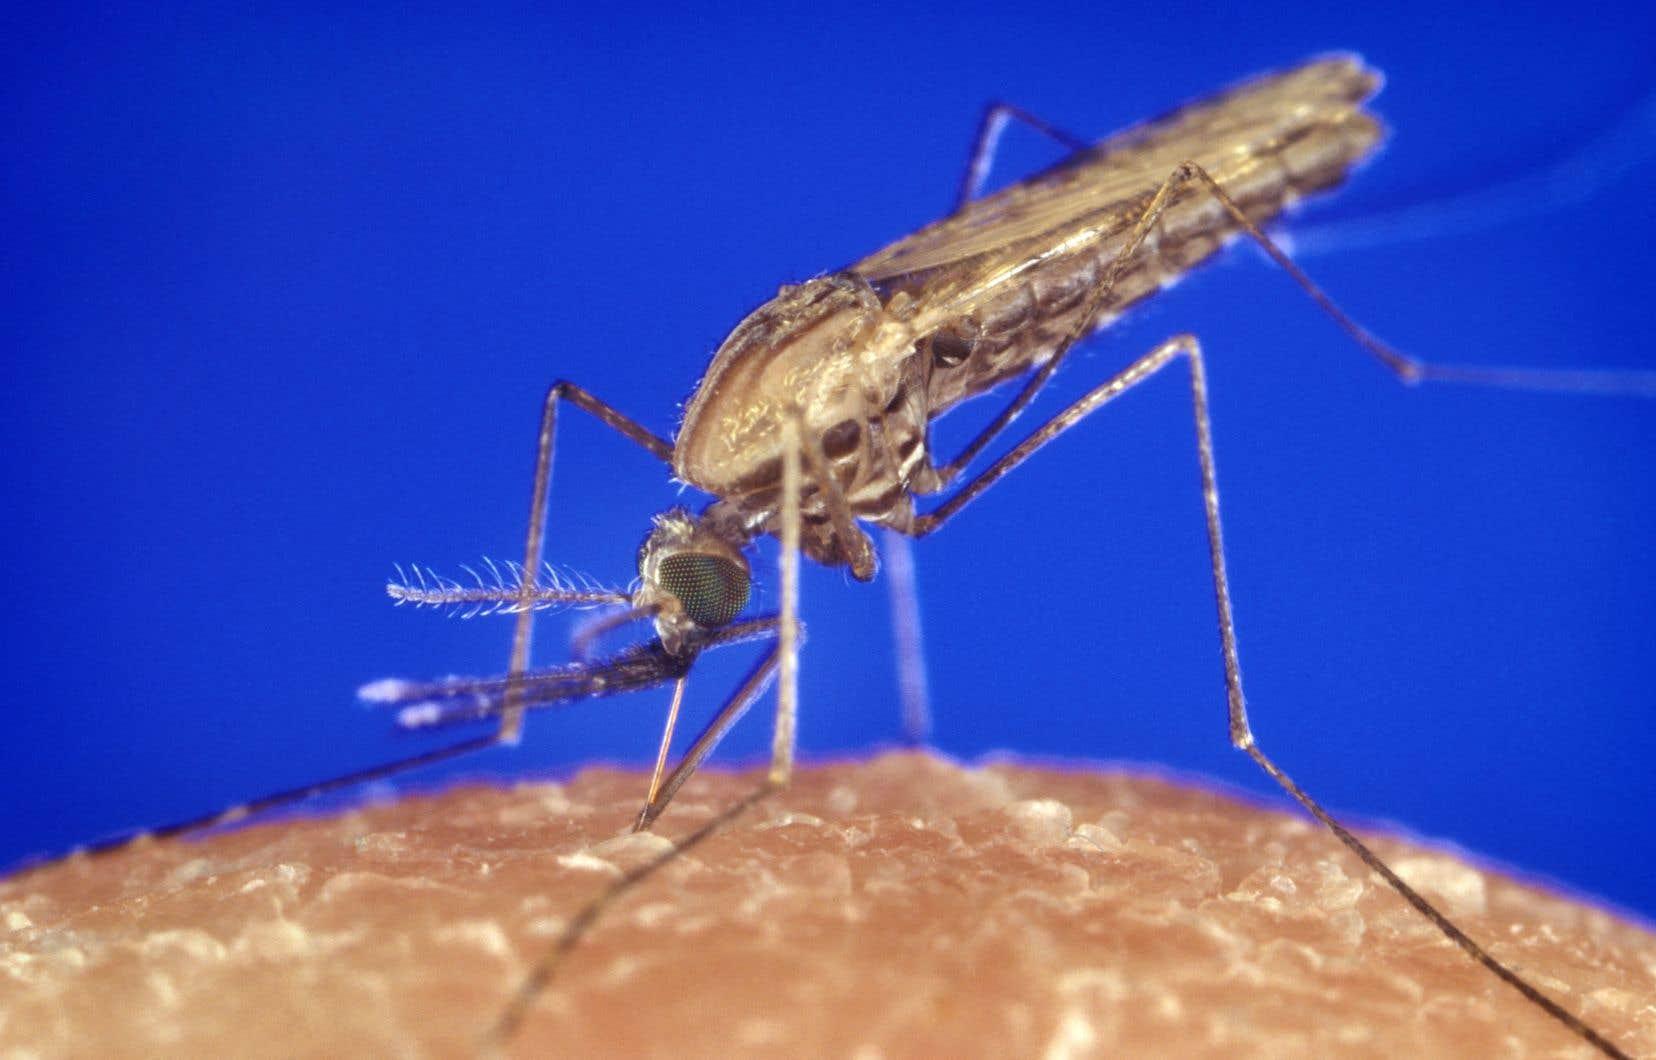 Une population entière d'«Anopheles gambiae», ce moustique porteur de la malaria, a pu être décimée en laboratoire par forçage génétique.